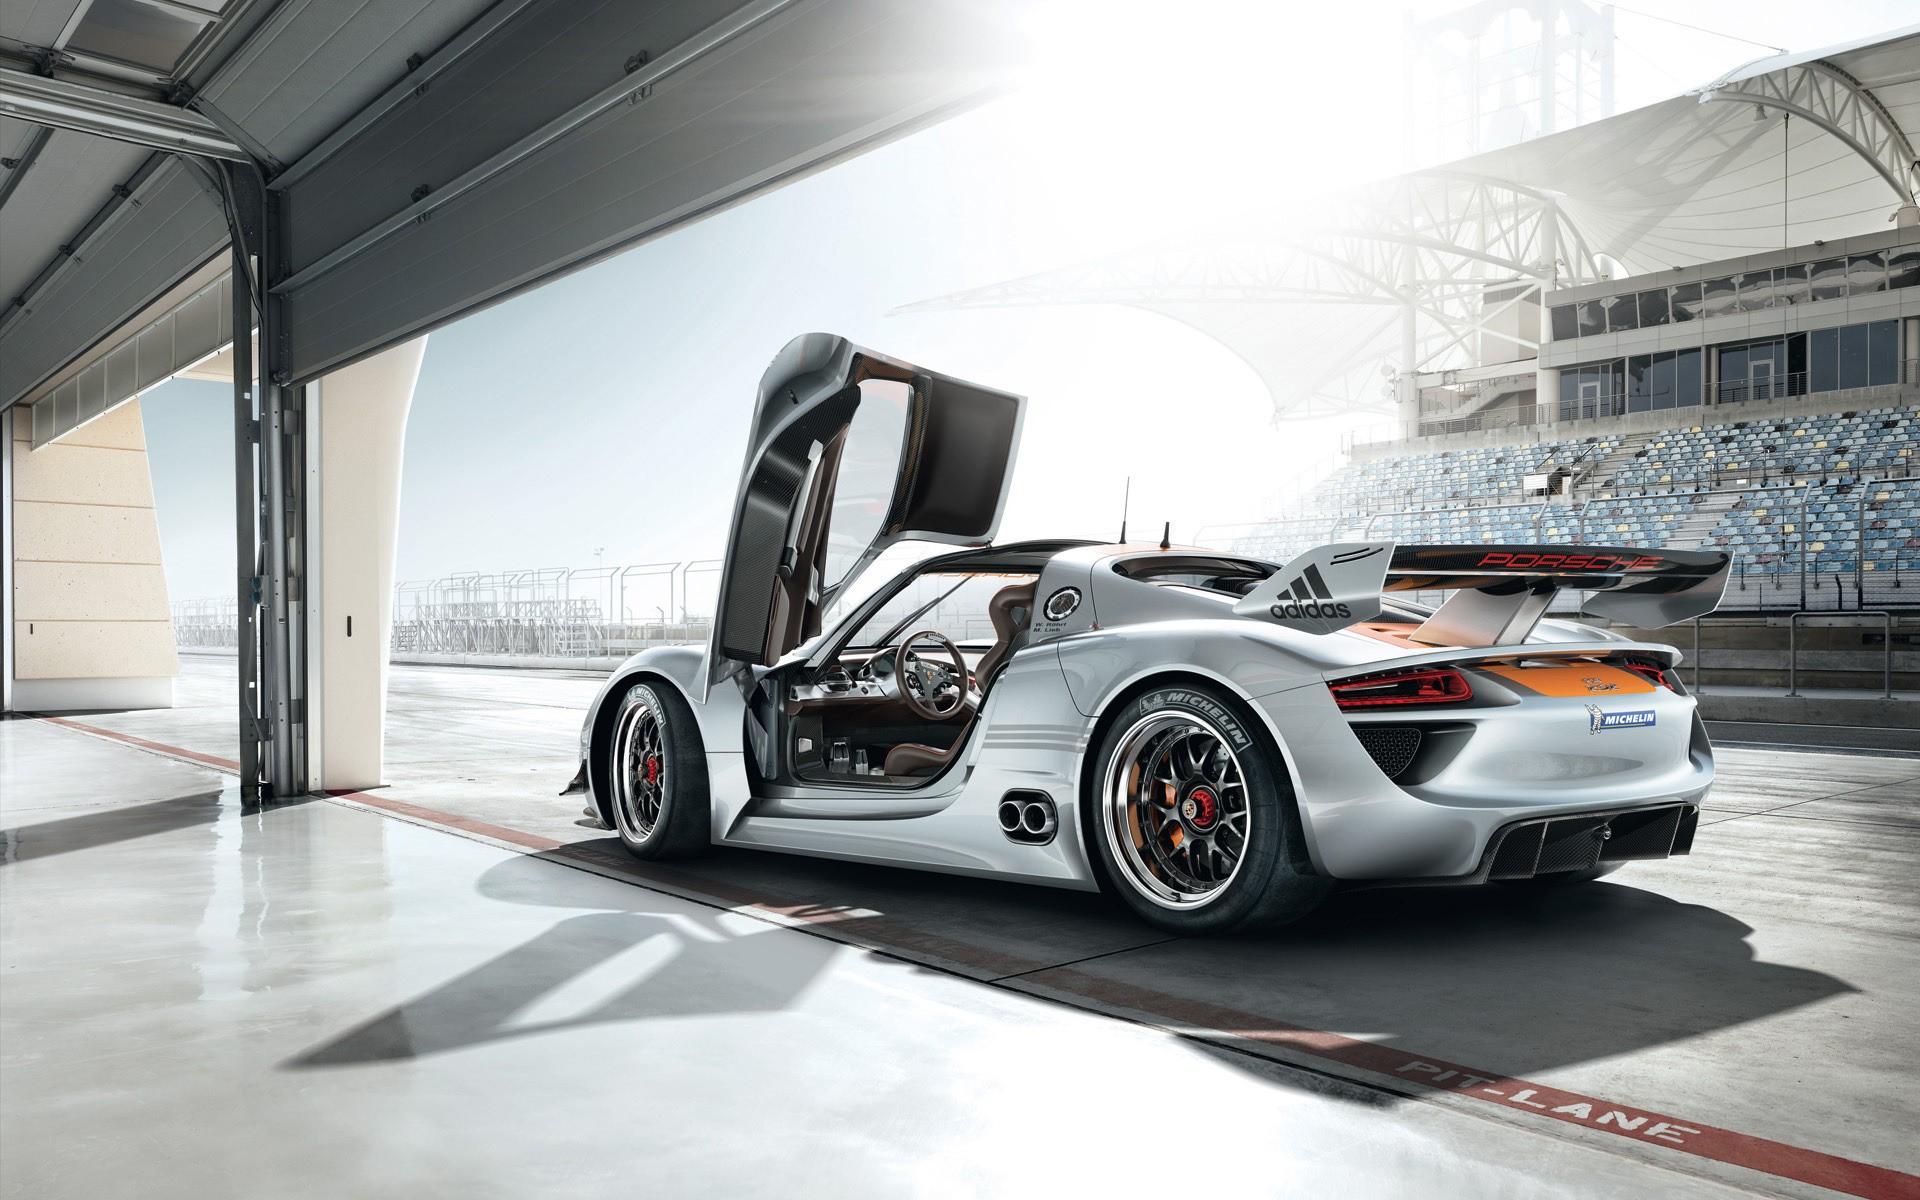 Super Car Wallpaper Retina Display Porsche Super Car Wallpapers Hd Wallpapers Id 9854